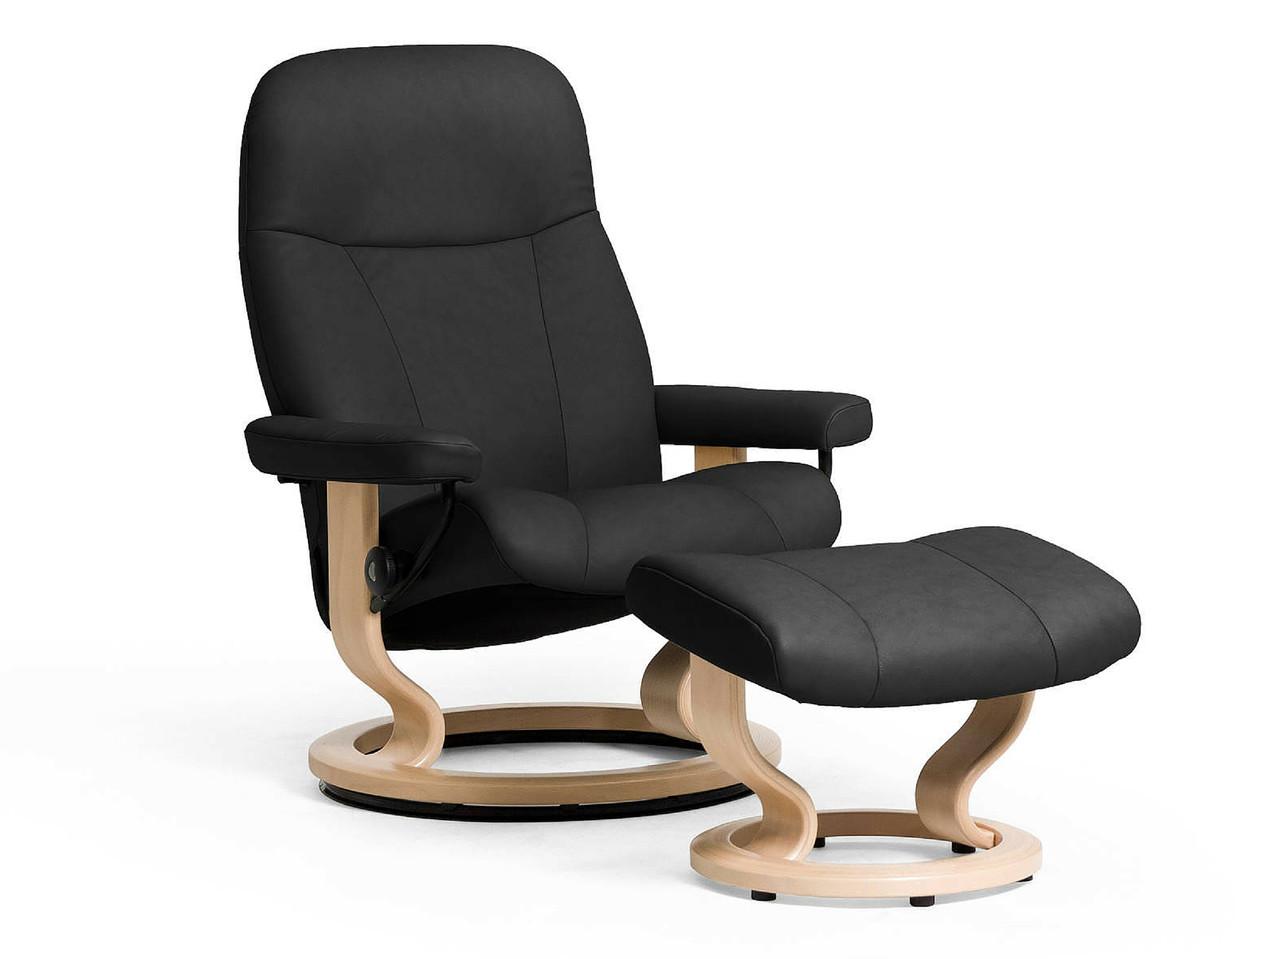 lænestol læder stressless Stressless Garda Lænestol   Hurtig levering   TILBUD på Batick lænestol læder stressless